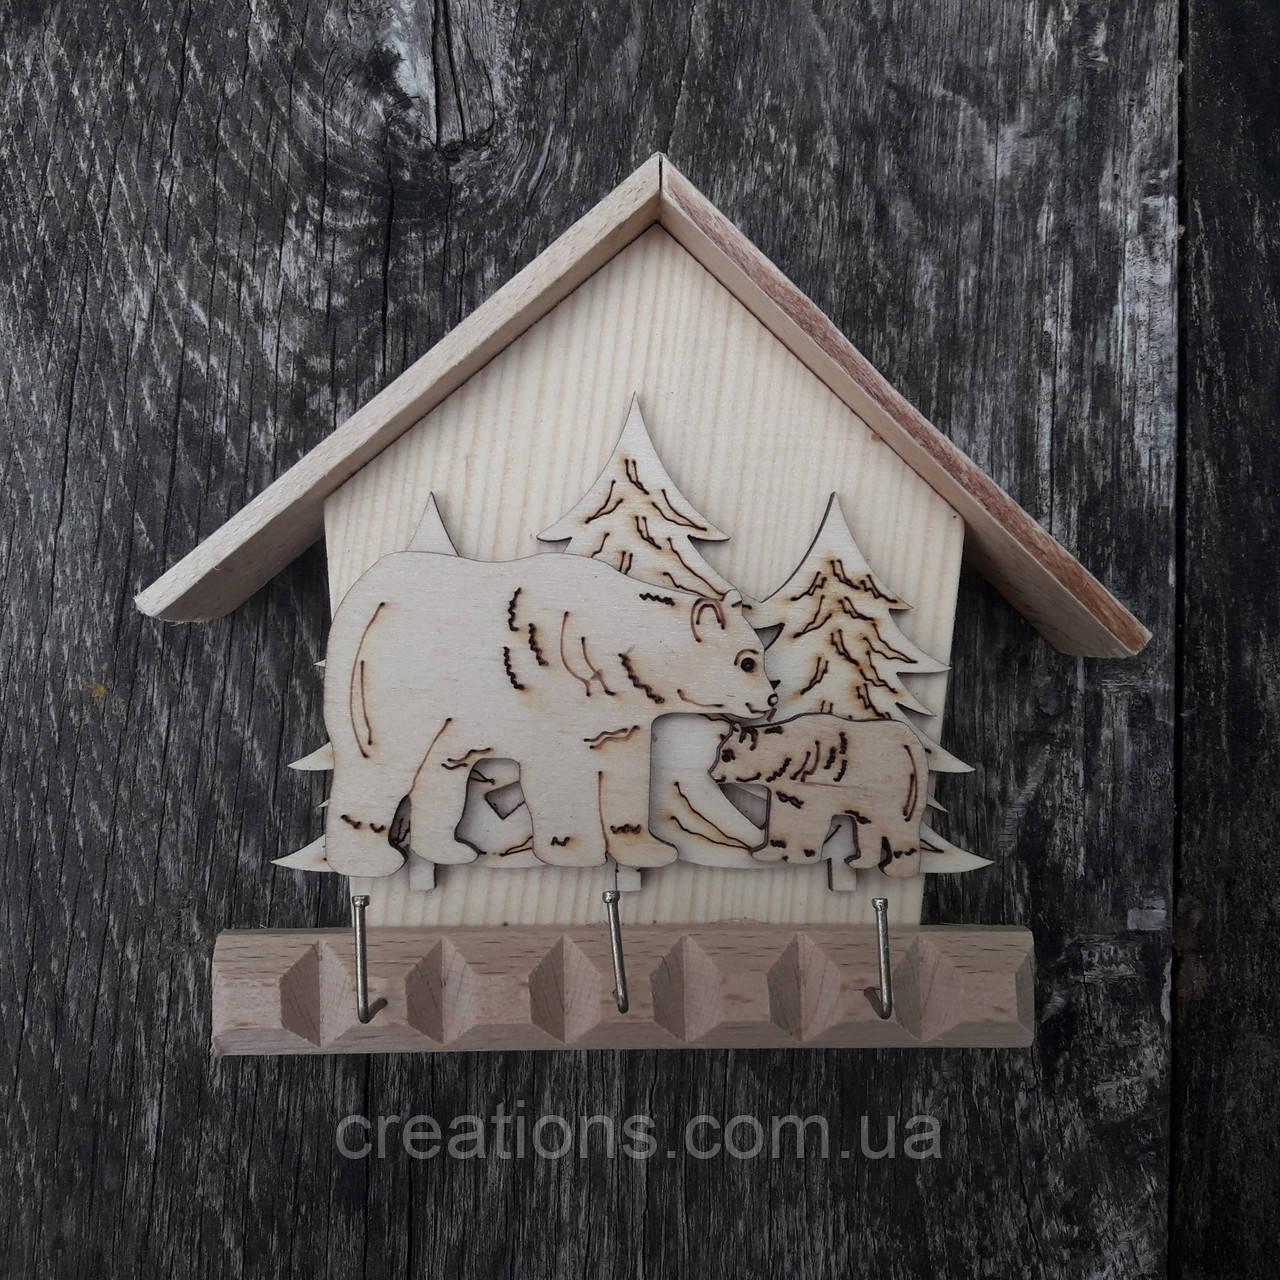 Ключниця дерев'яна настінна, будиночок 15 см.